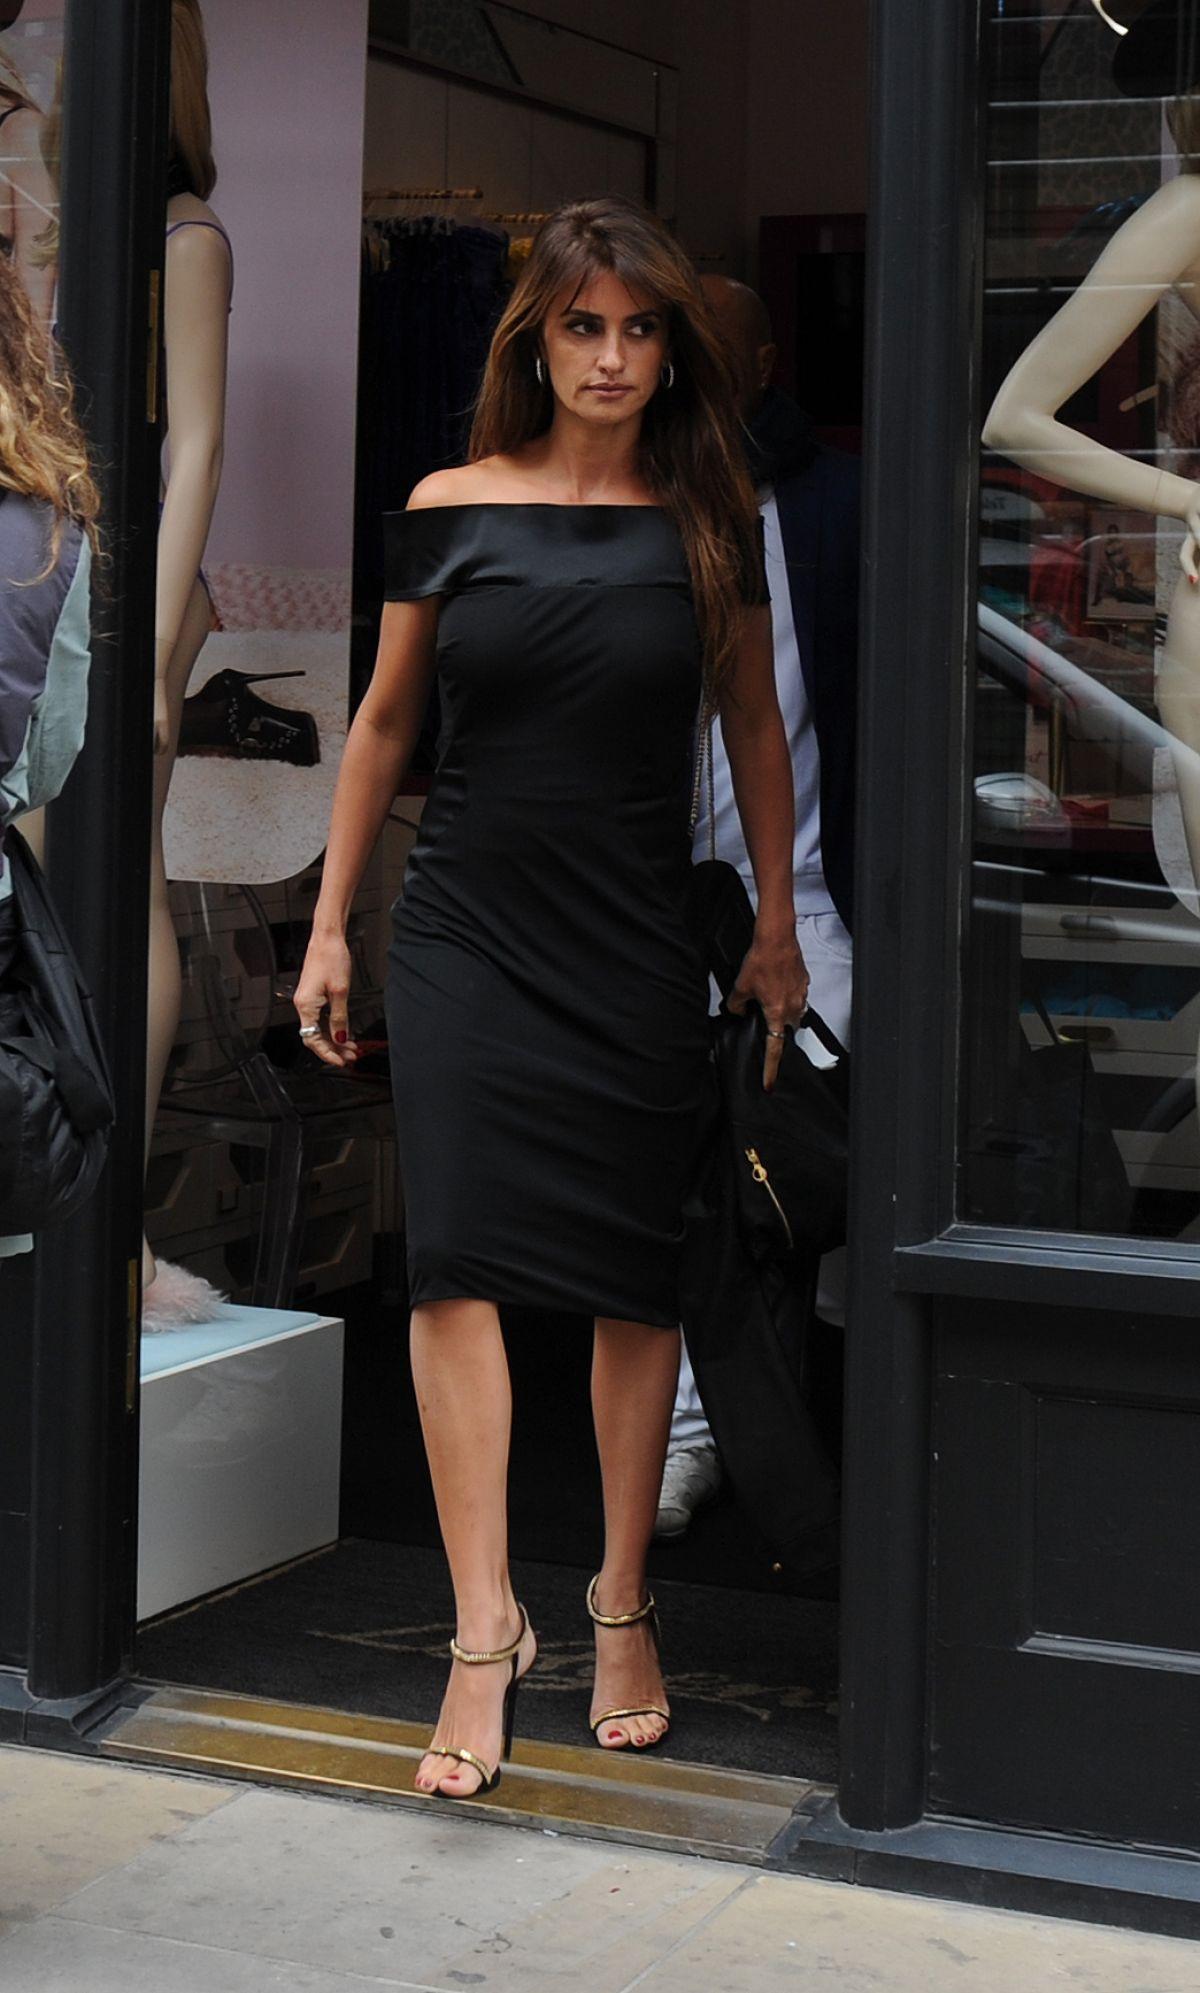 PENELOPE CRUZ Leaves Agent Provocateur Lingerie Shop in London 09/04/2015